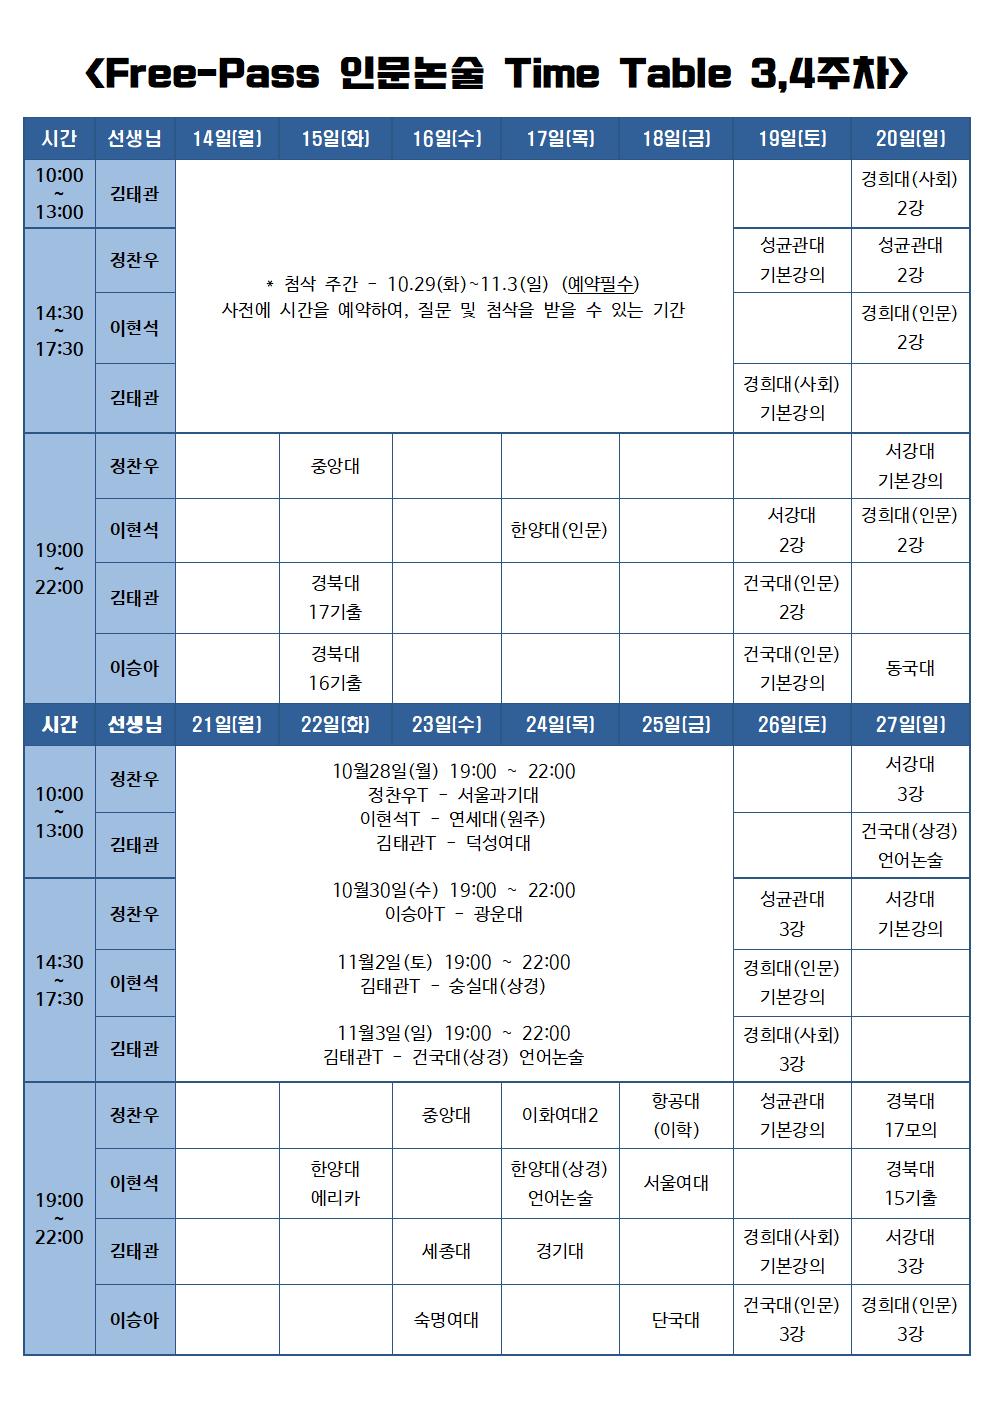 프리패스시간표(최최종)002.png